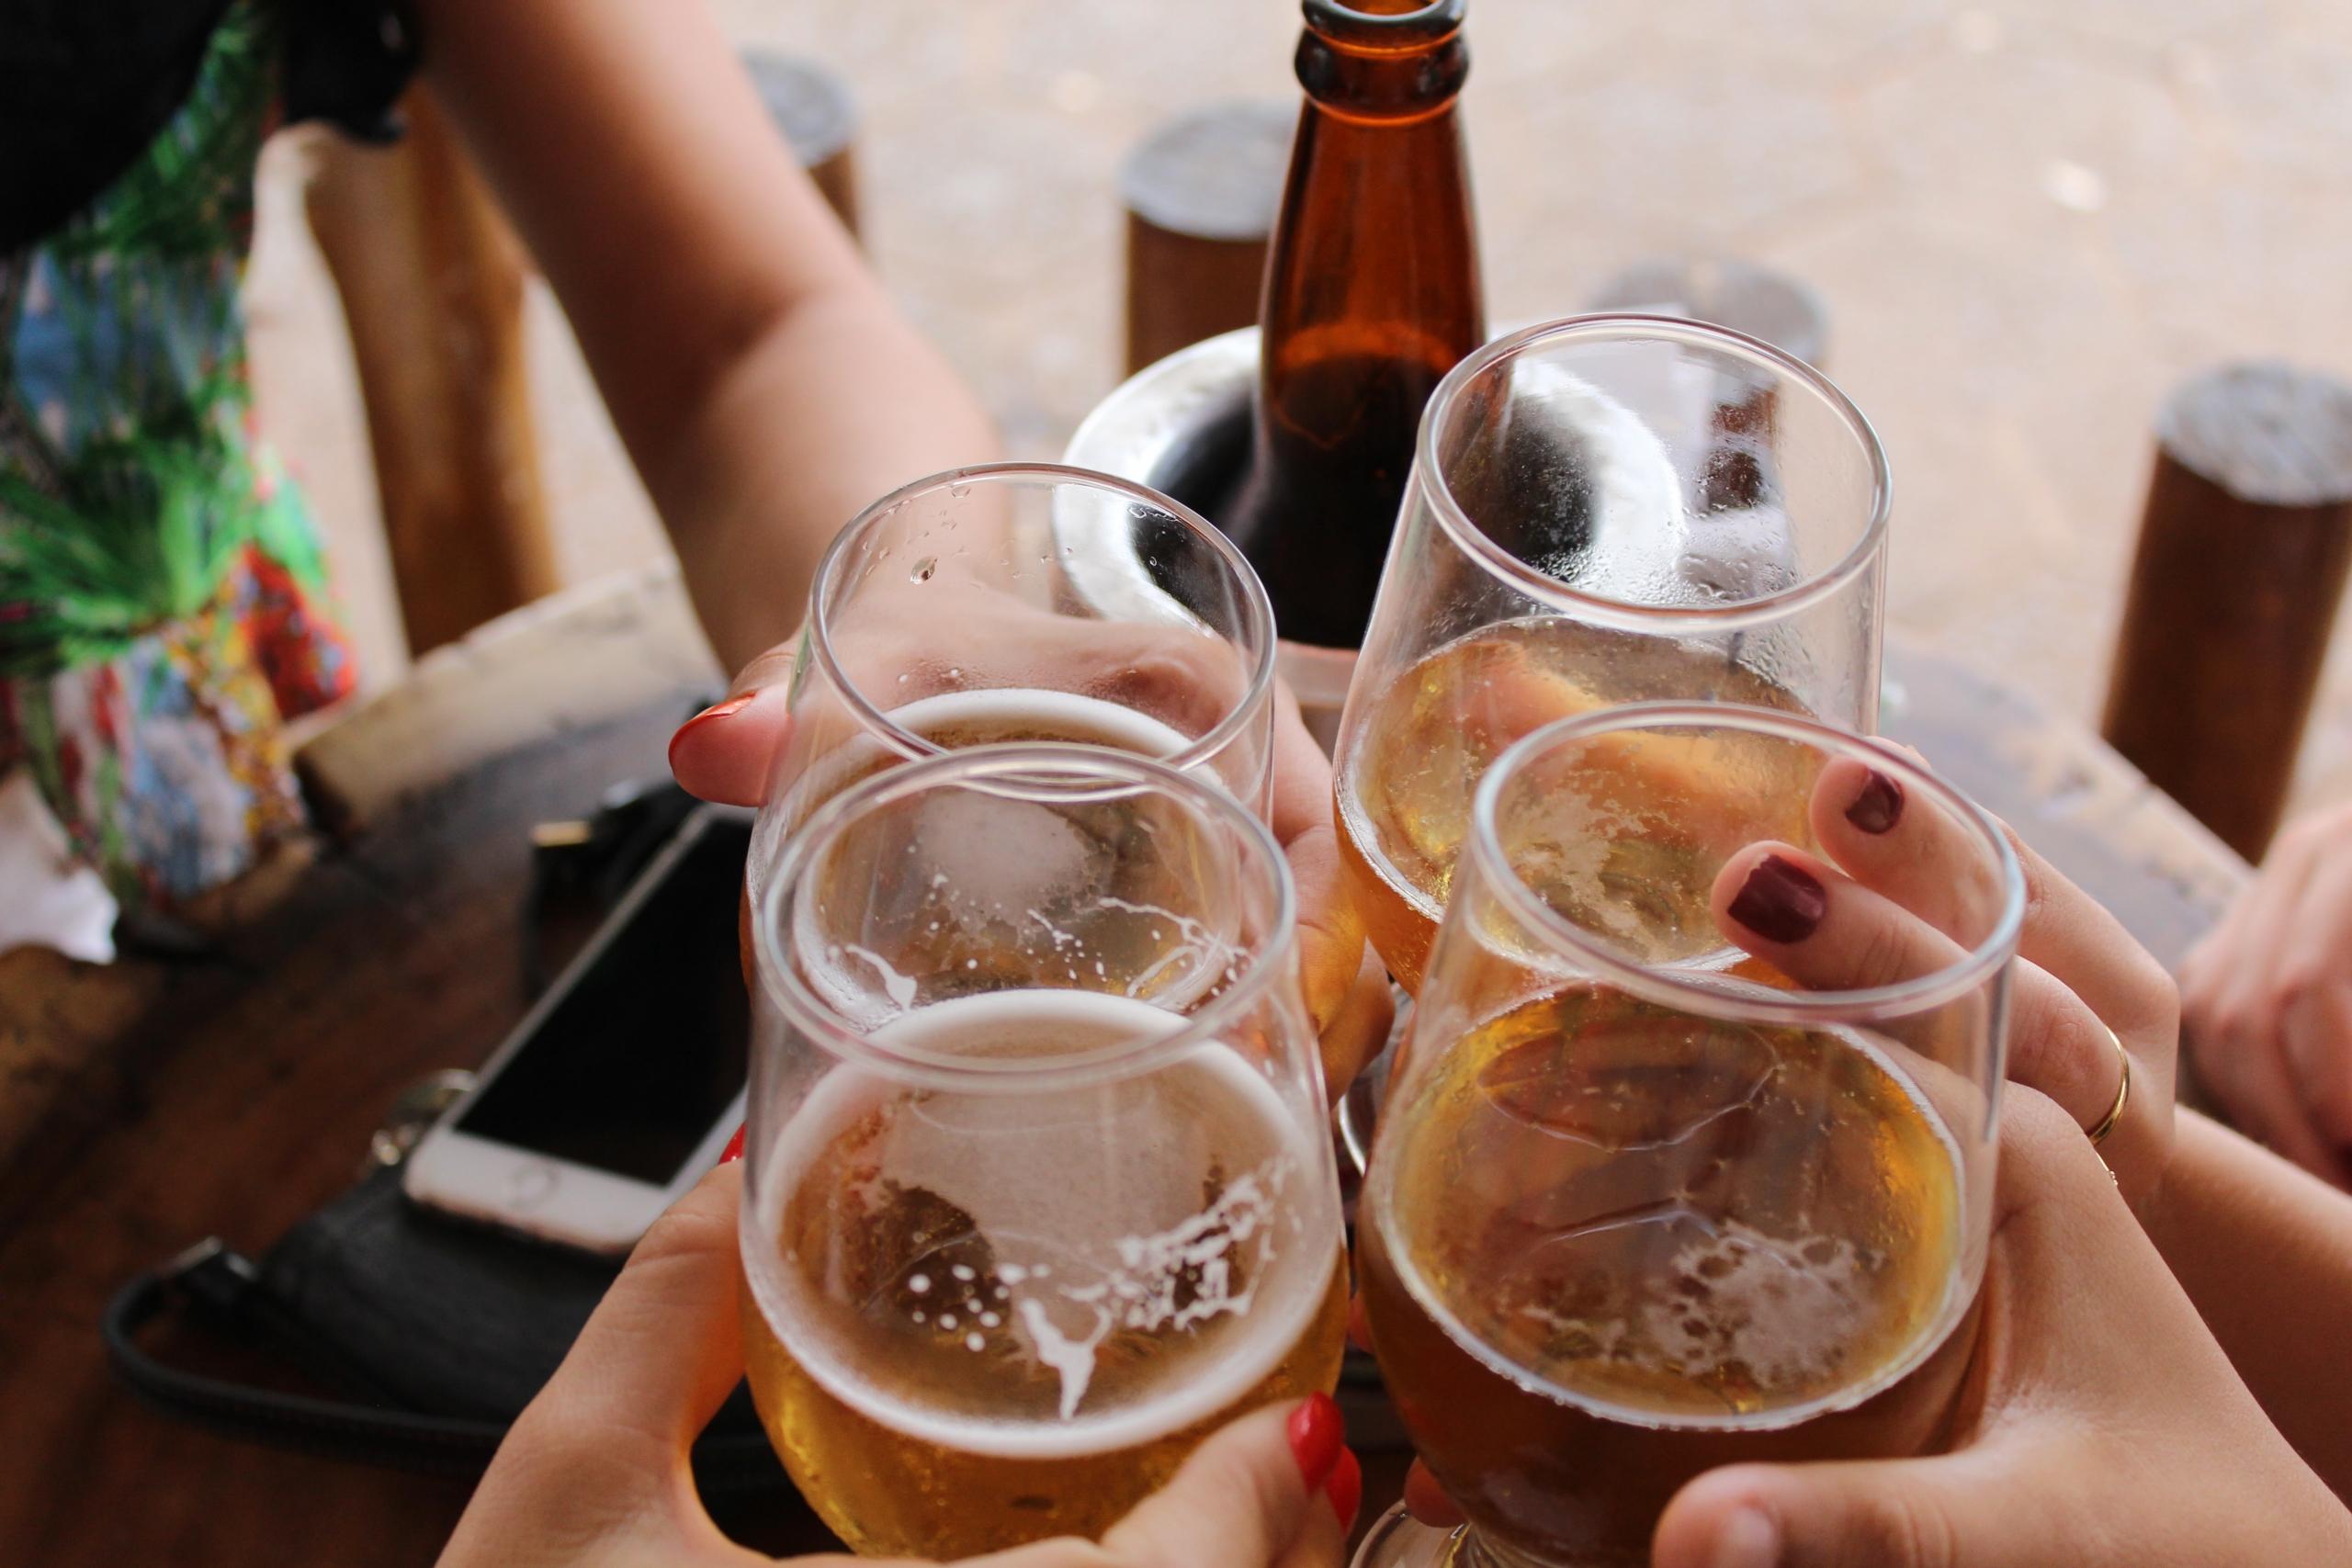 Senf-Bier aus Sachsen - Ein außergewöhnliches Geschmackskonzept